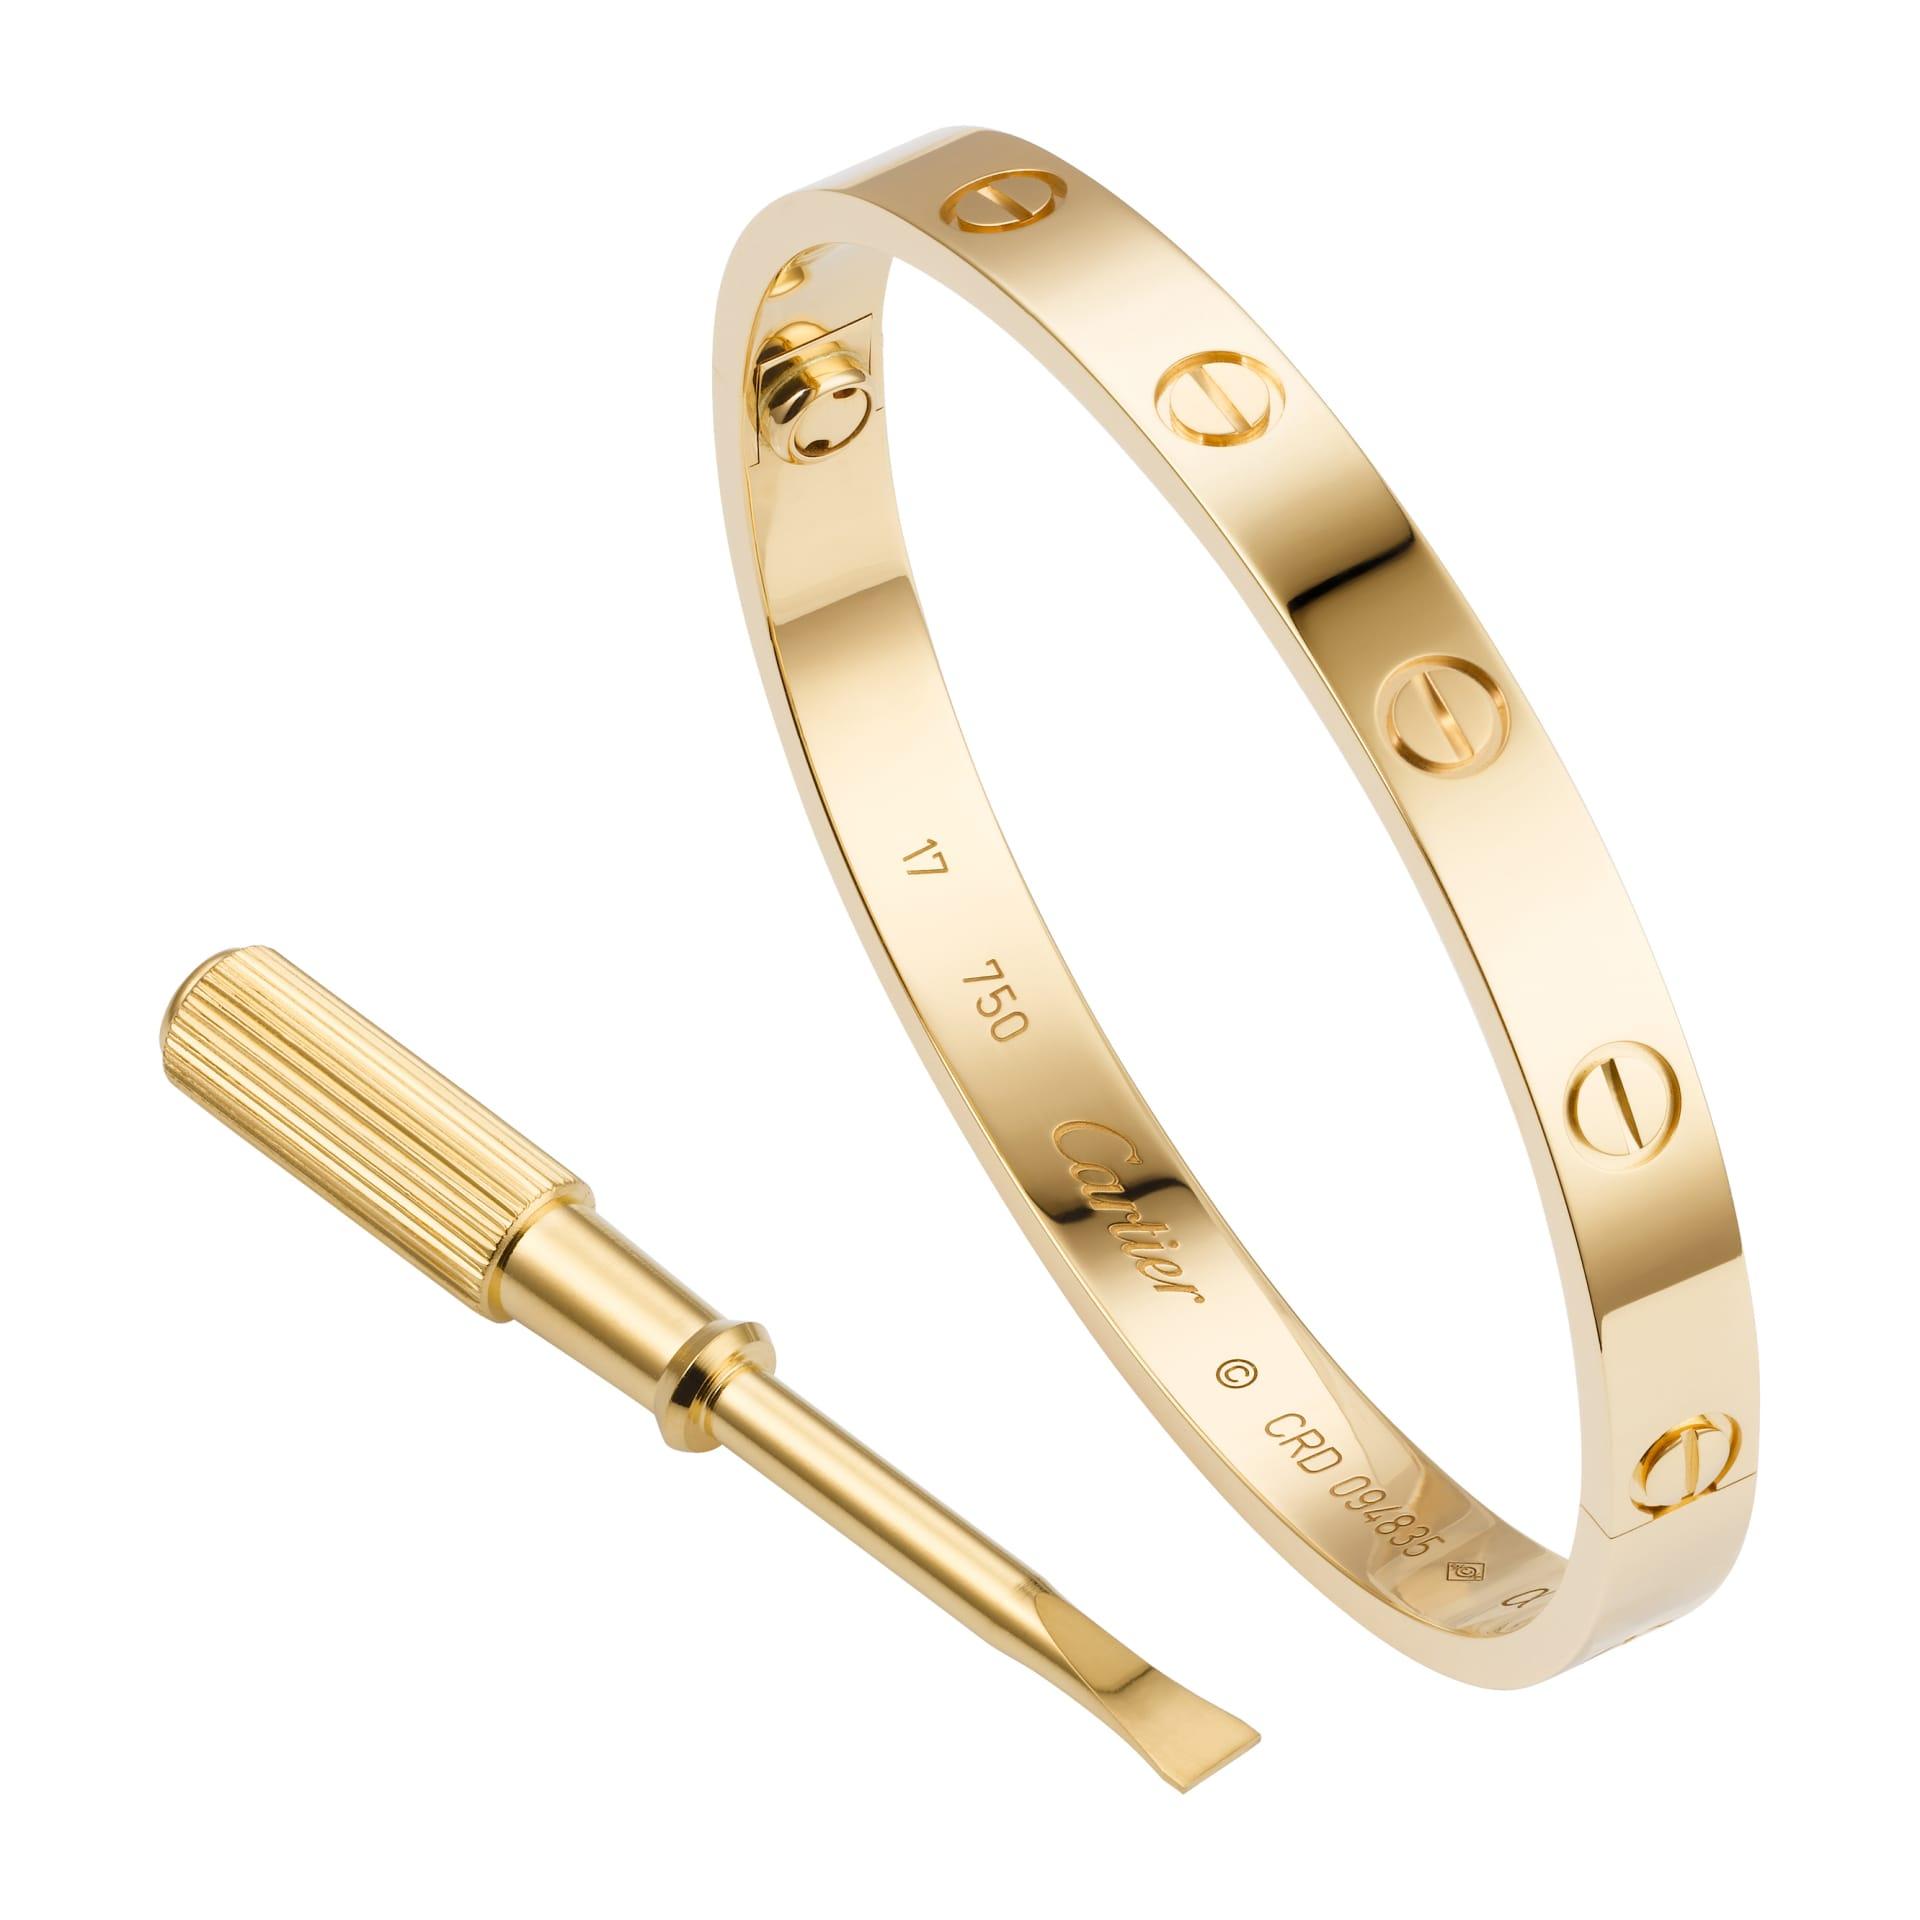 Love Bracelet med den rätta skruvmejseln för att kunna öppna och stänga armbandet. © Cartier